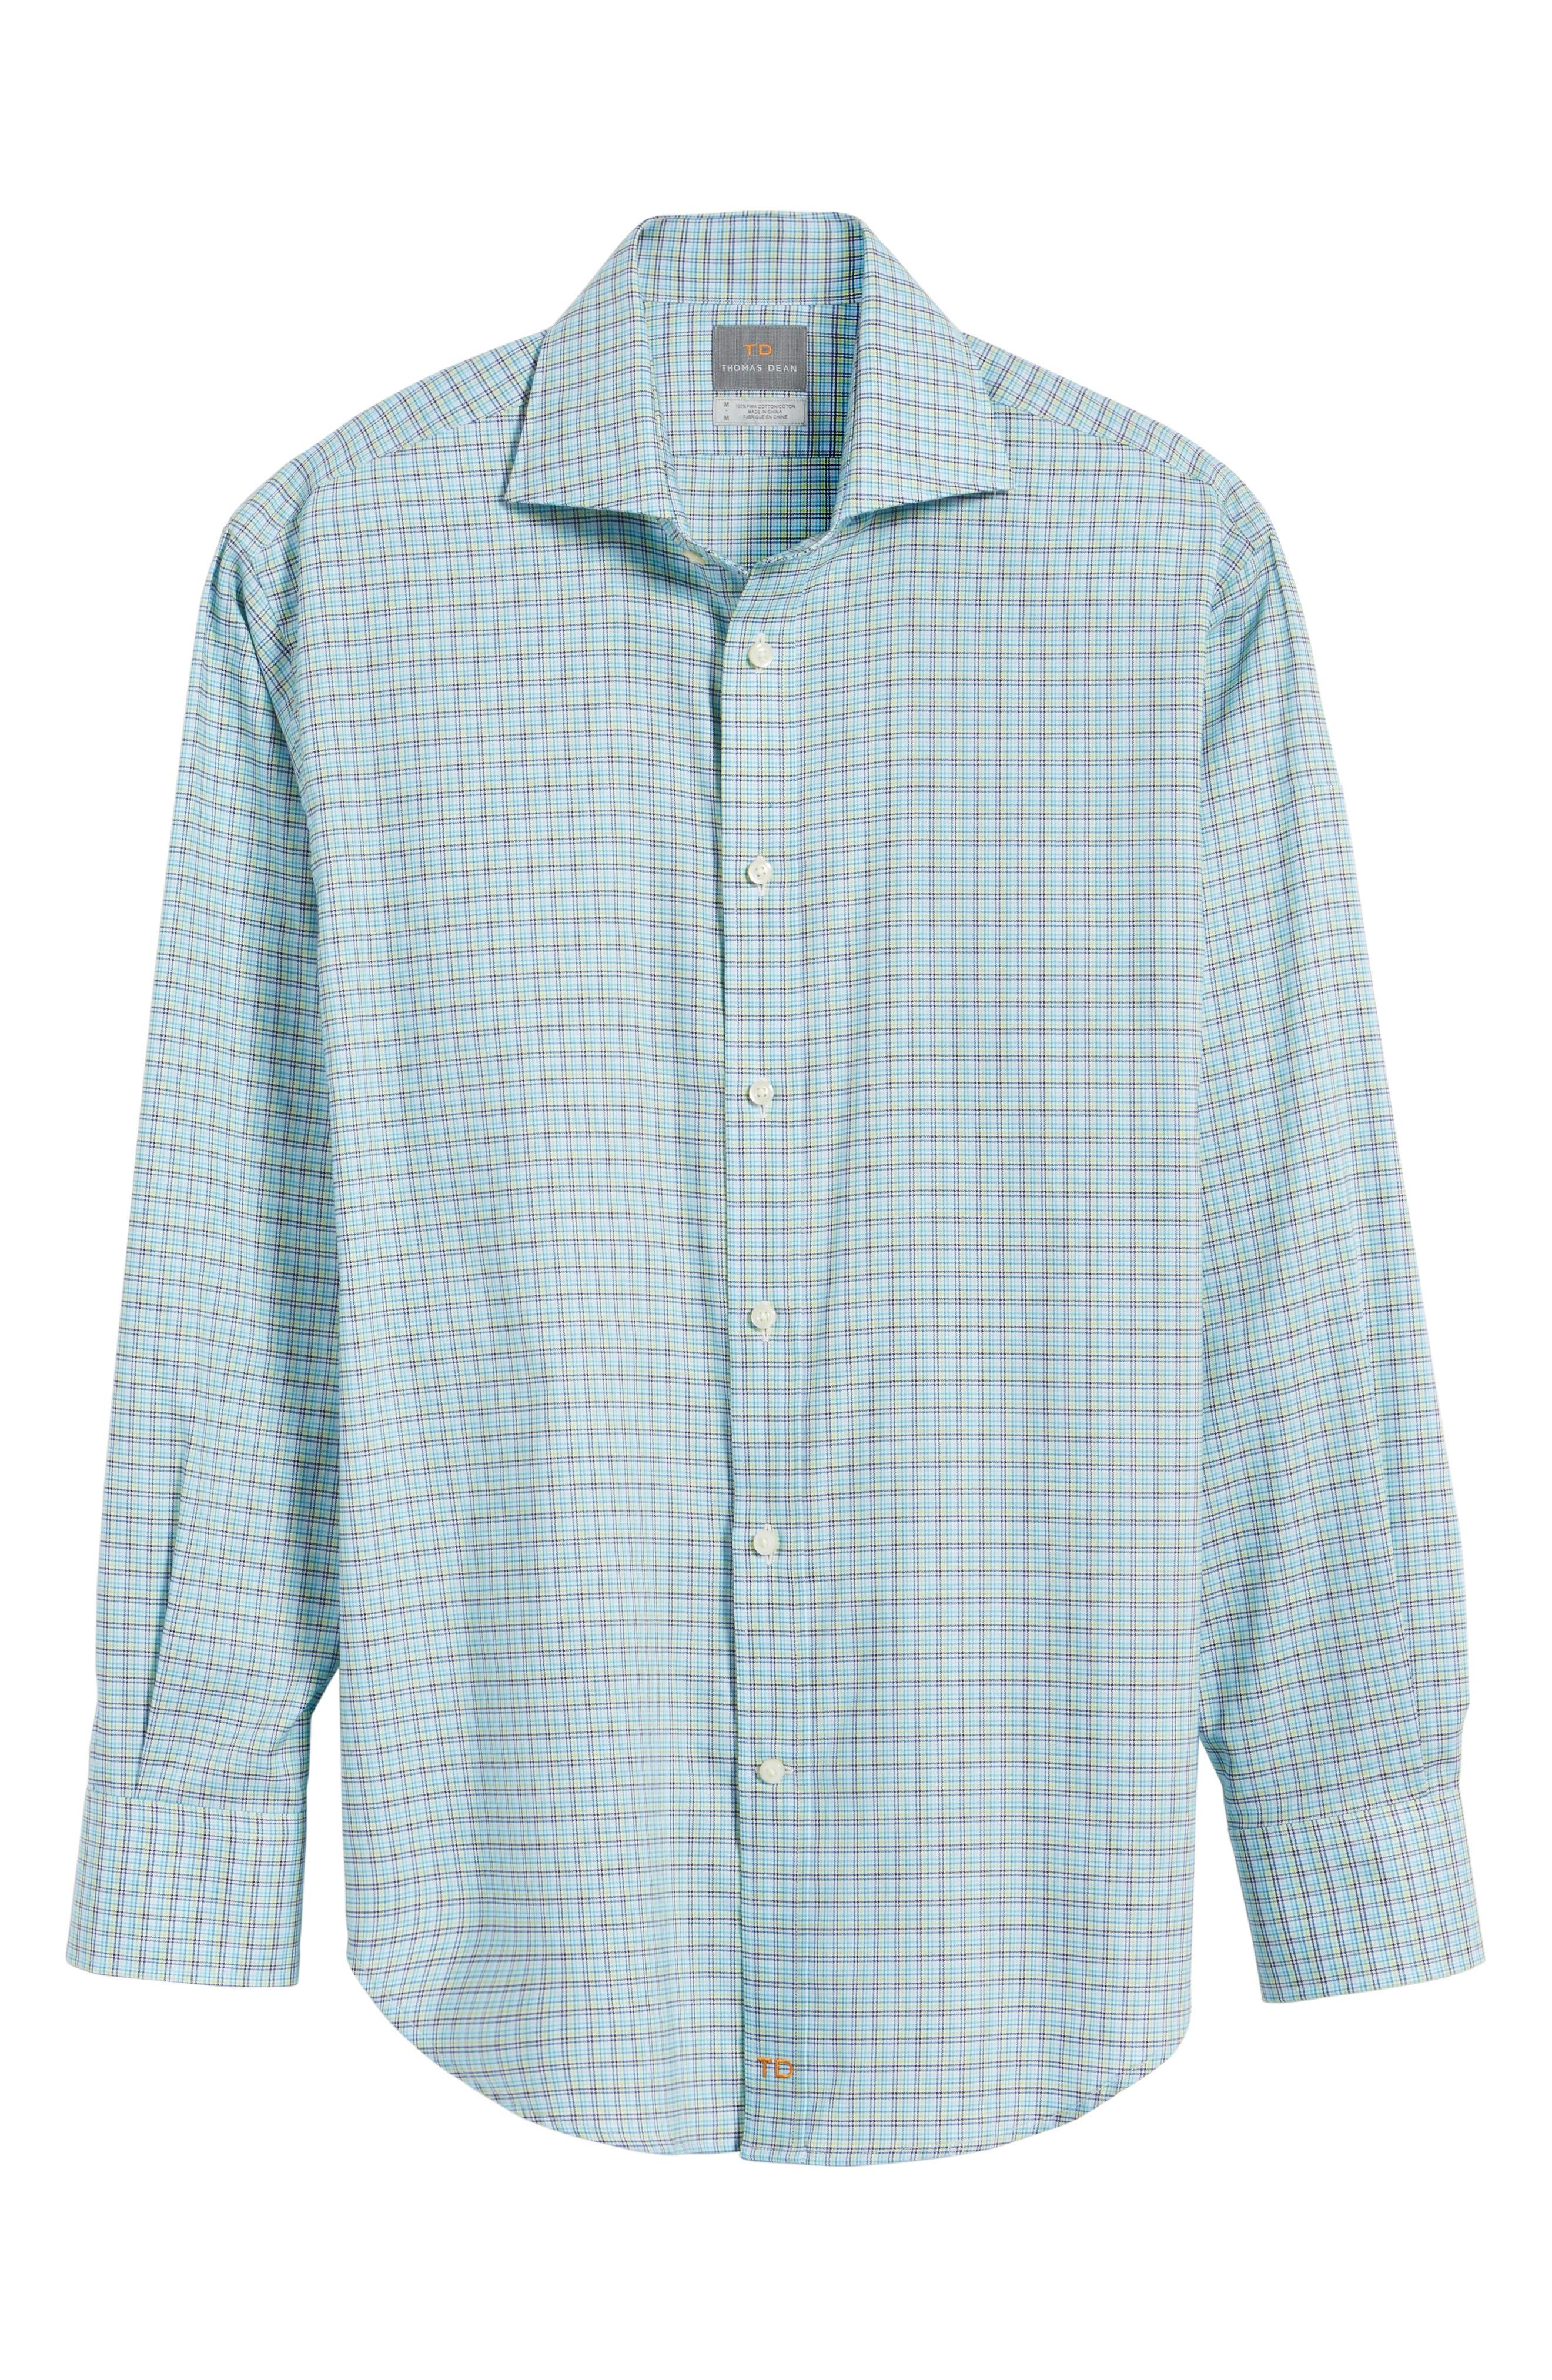 Classic Fit Textured Check Sport Shirt,                             Alternate thumbnail 6, color,                             Aqua